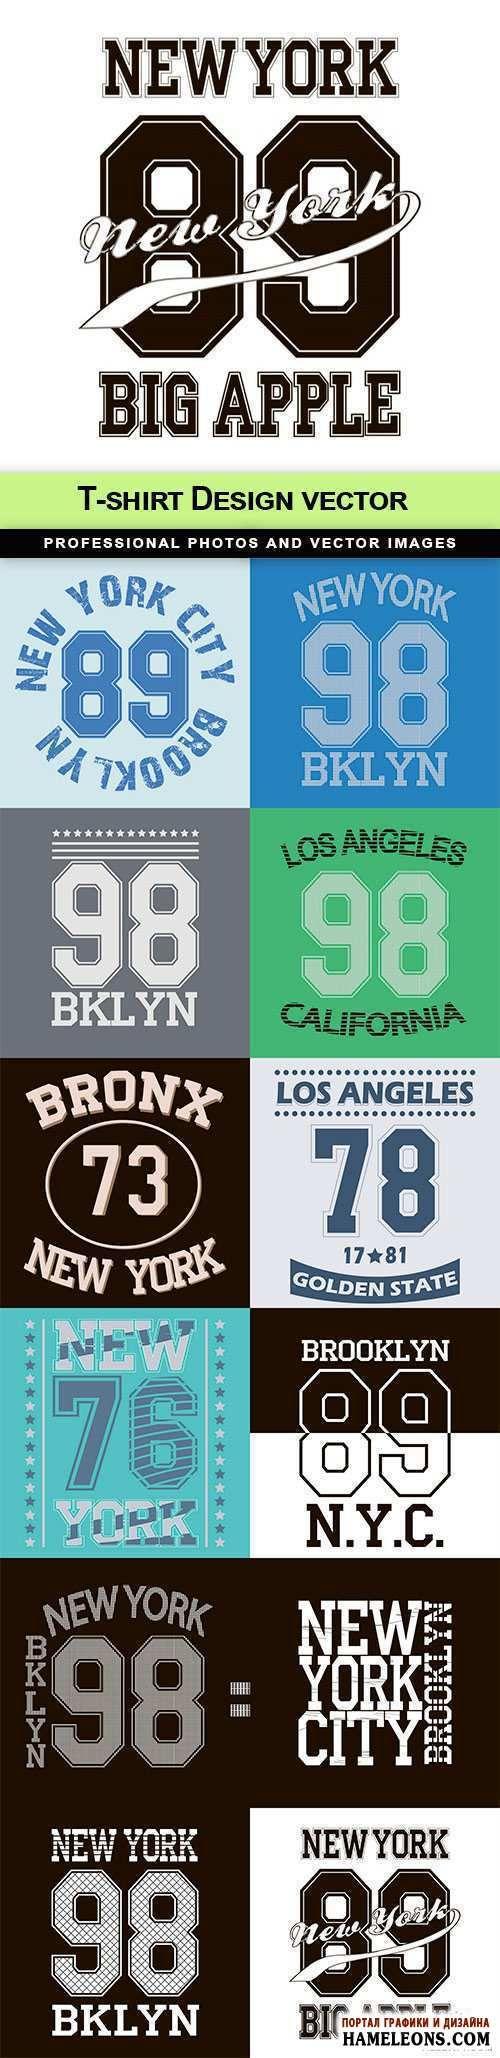 Принты для футболок с надписями и цифрами - векторный клипарт | T-shirt Design vector